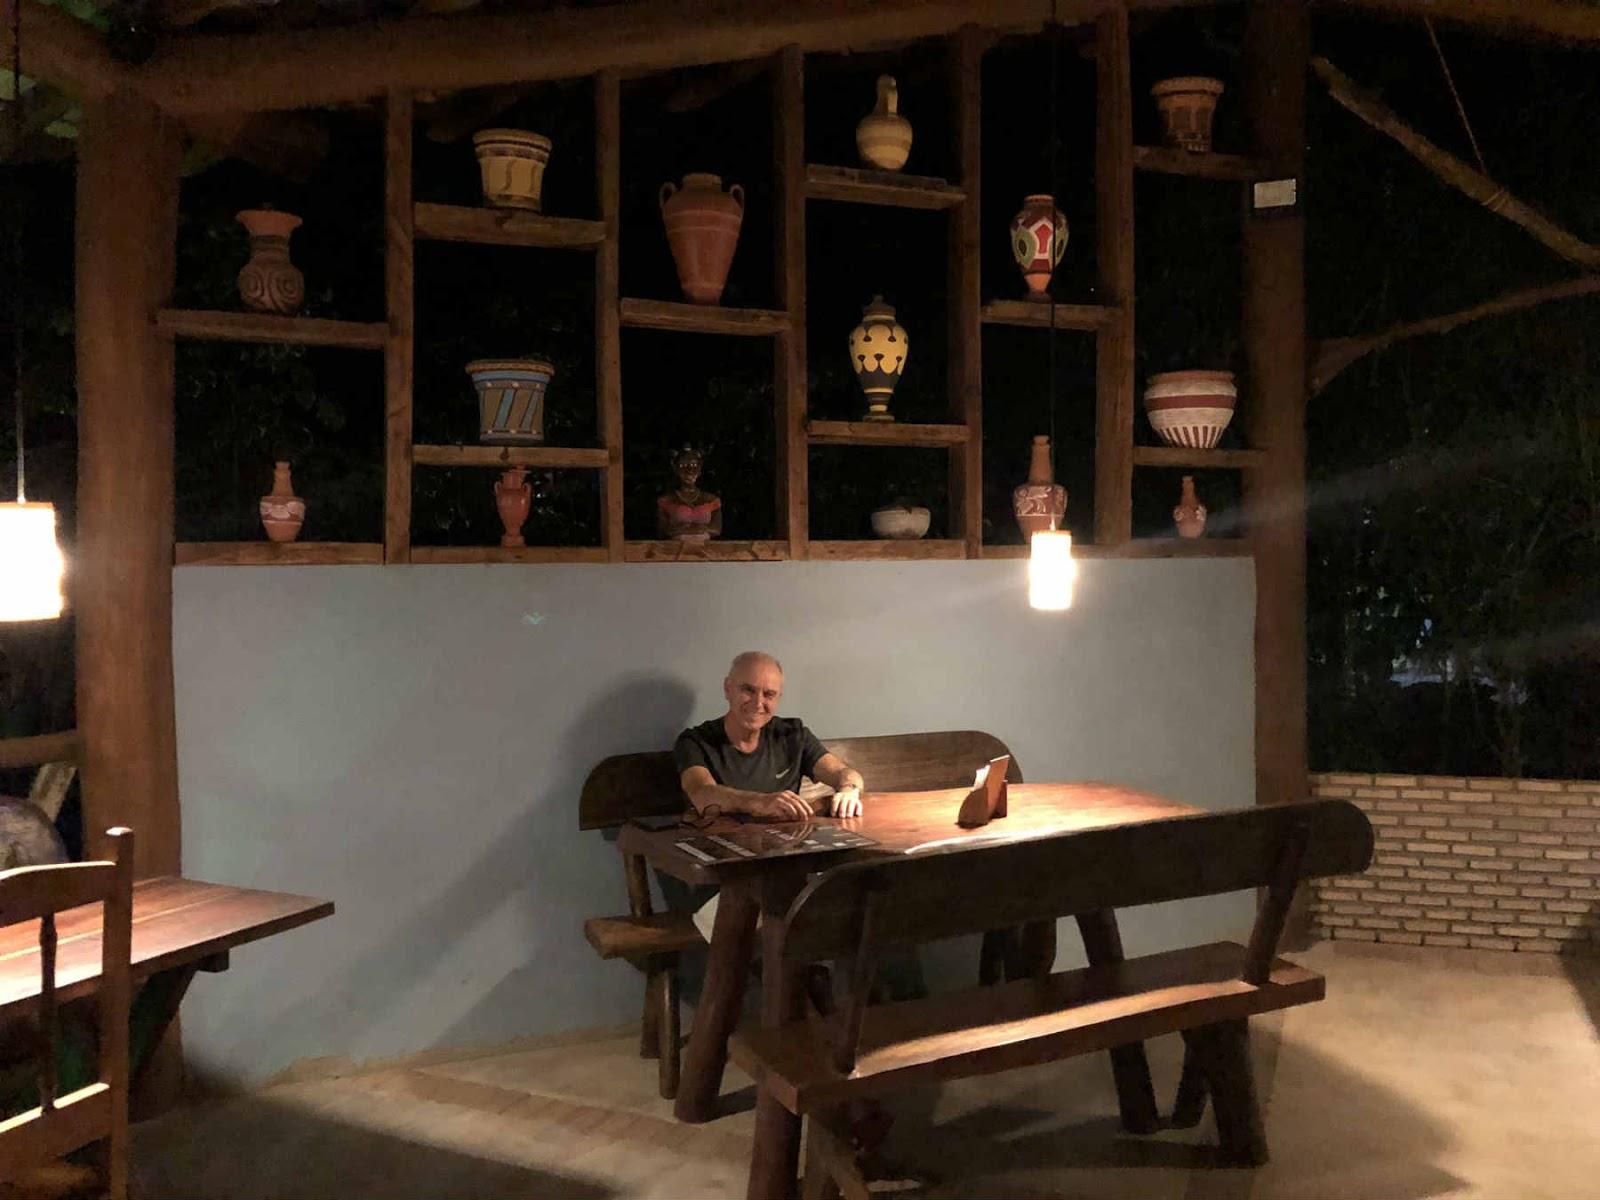 Restaurante da Zene - Barra Grande